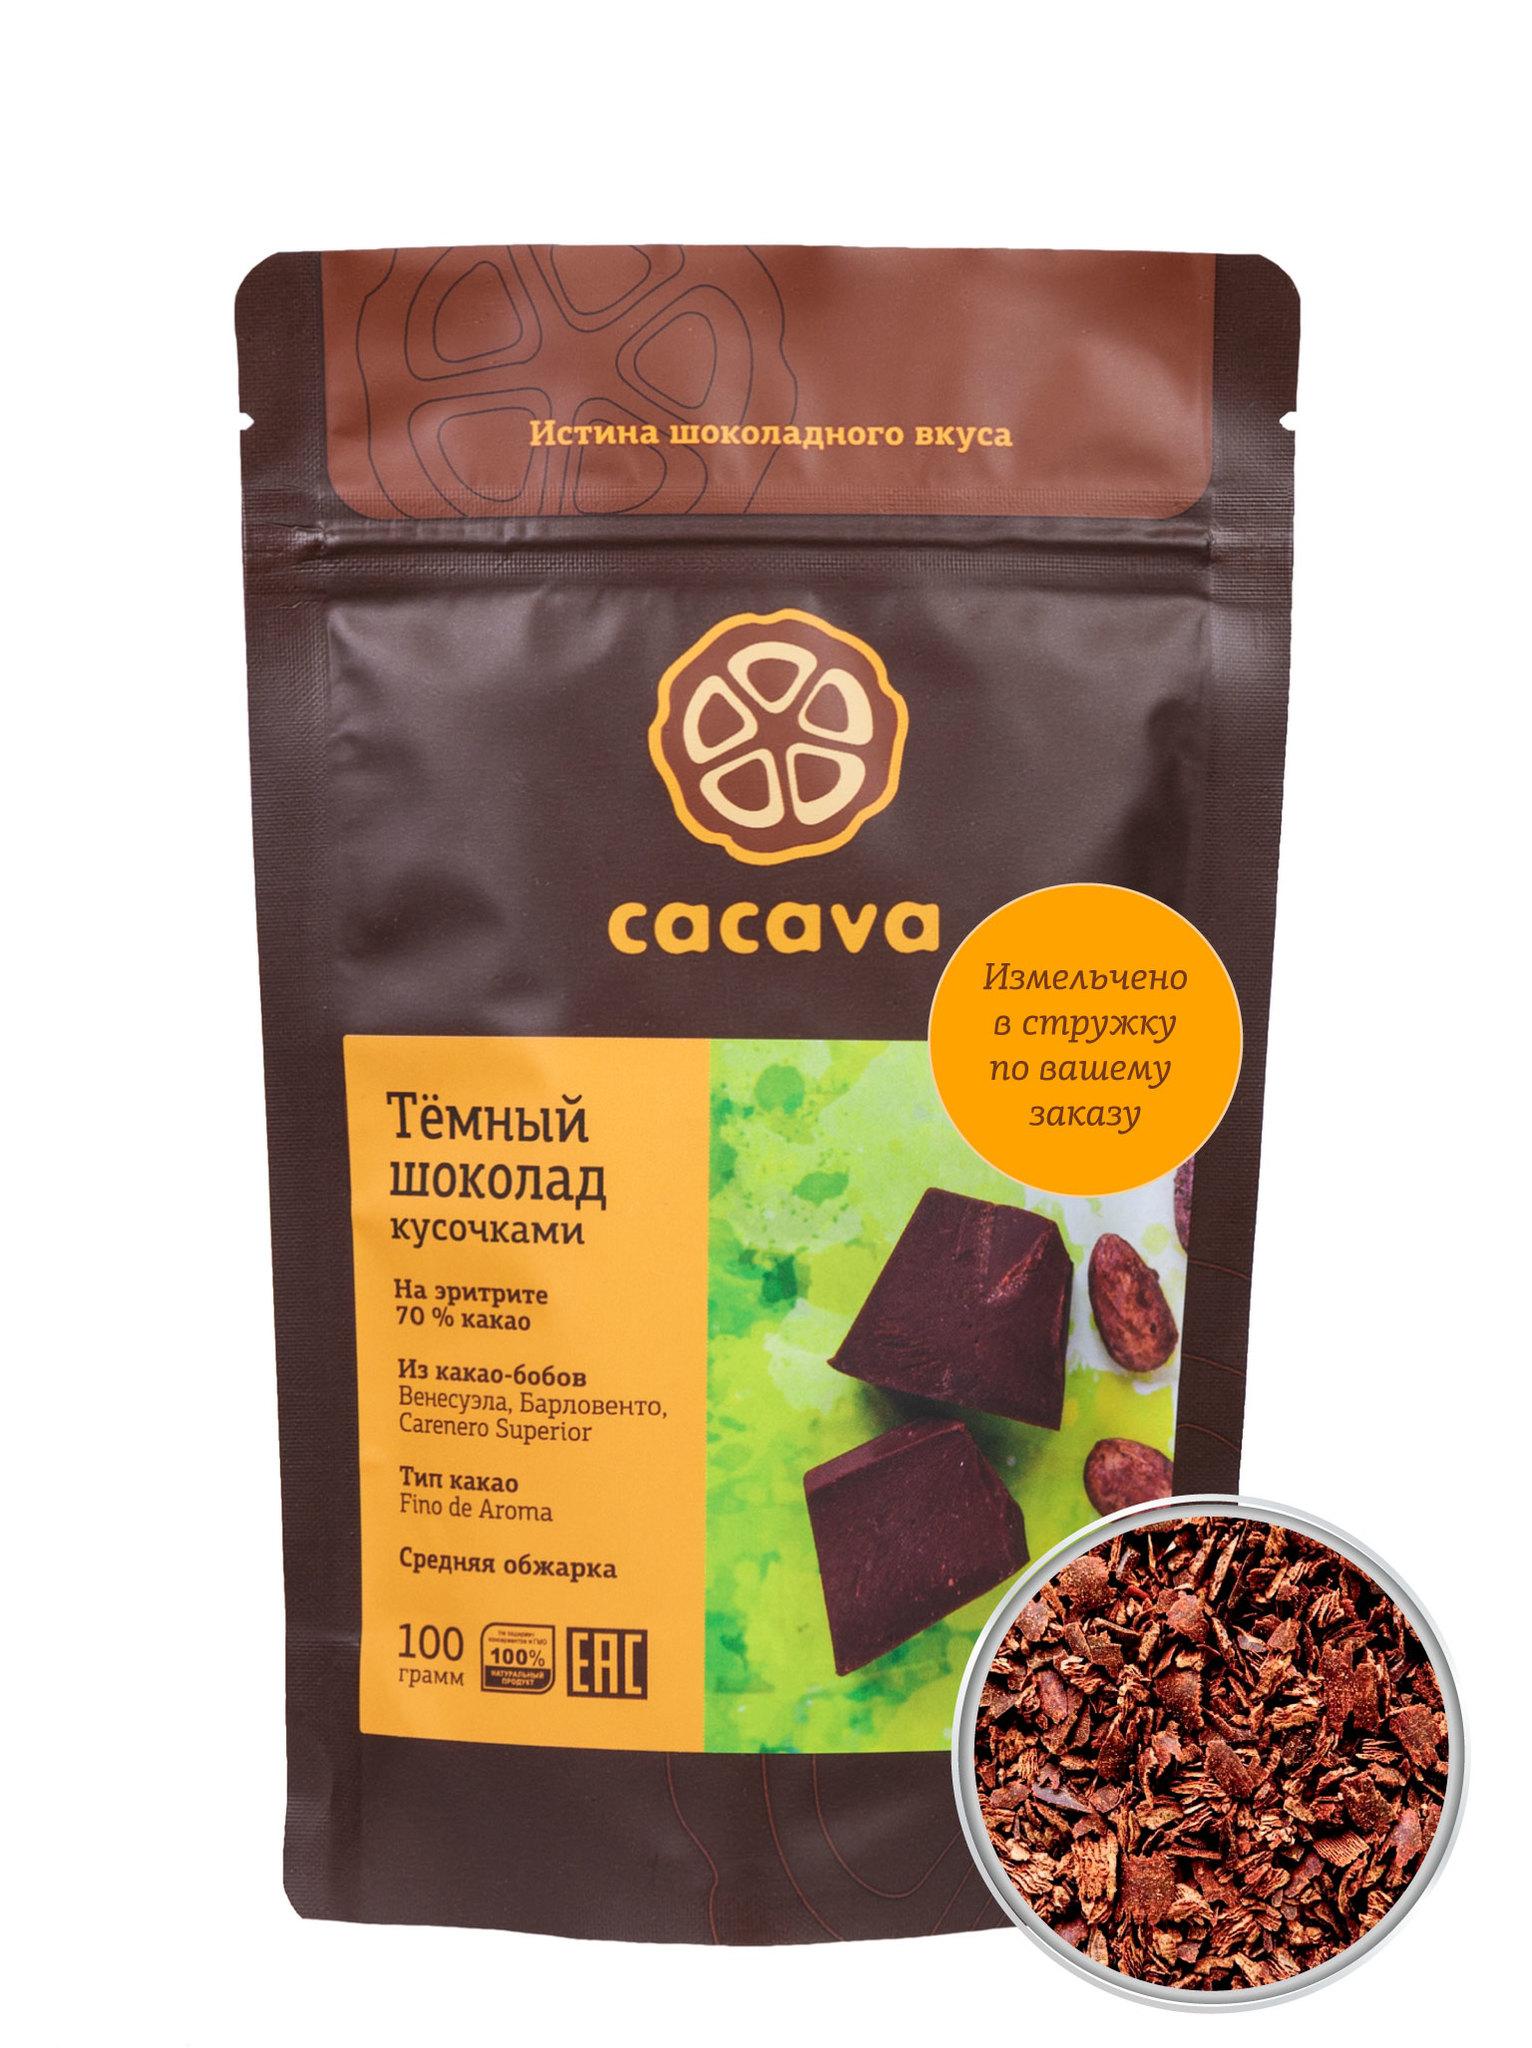 Тёмный шоколад 70 % какао в стружке, на эритрите, упаковка 100 грамм